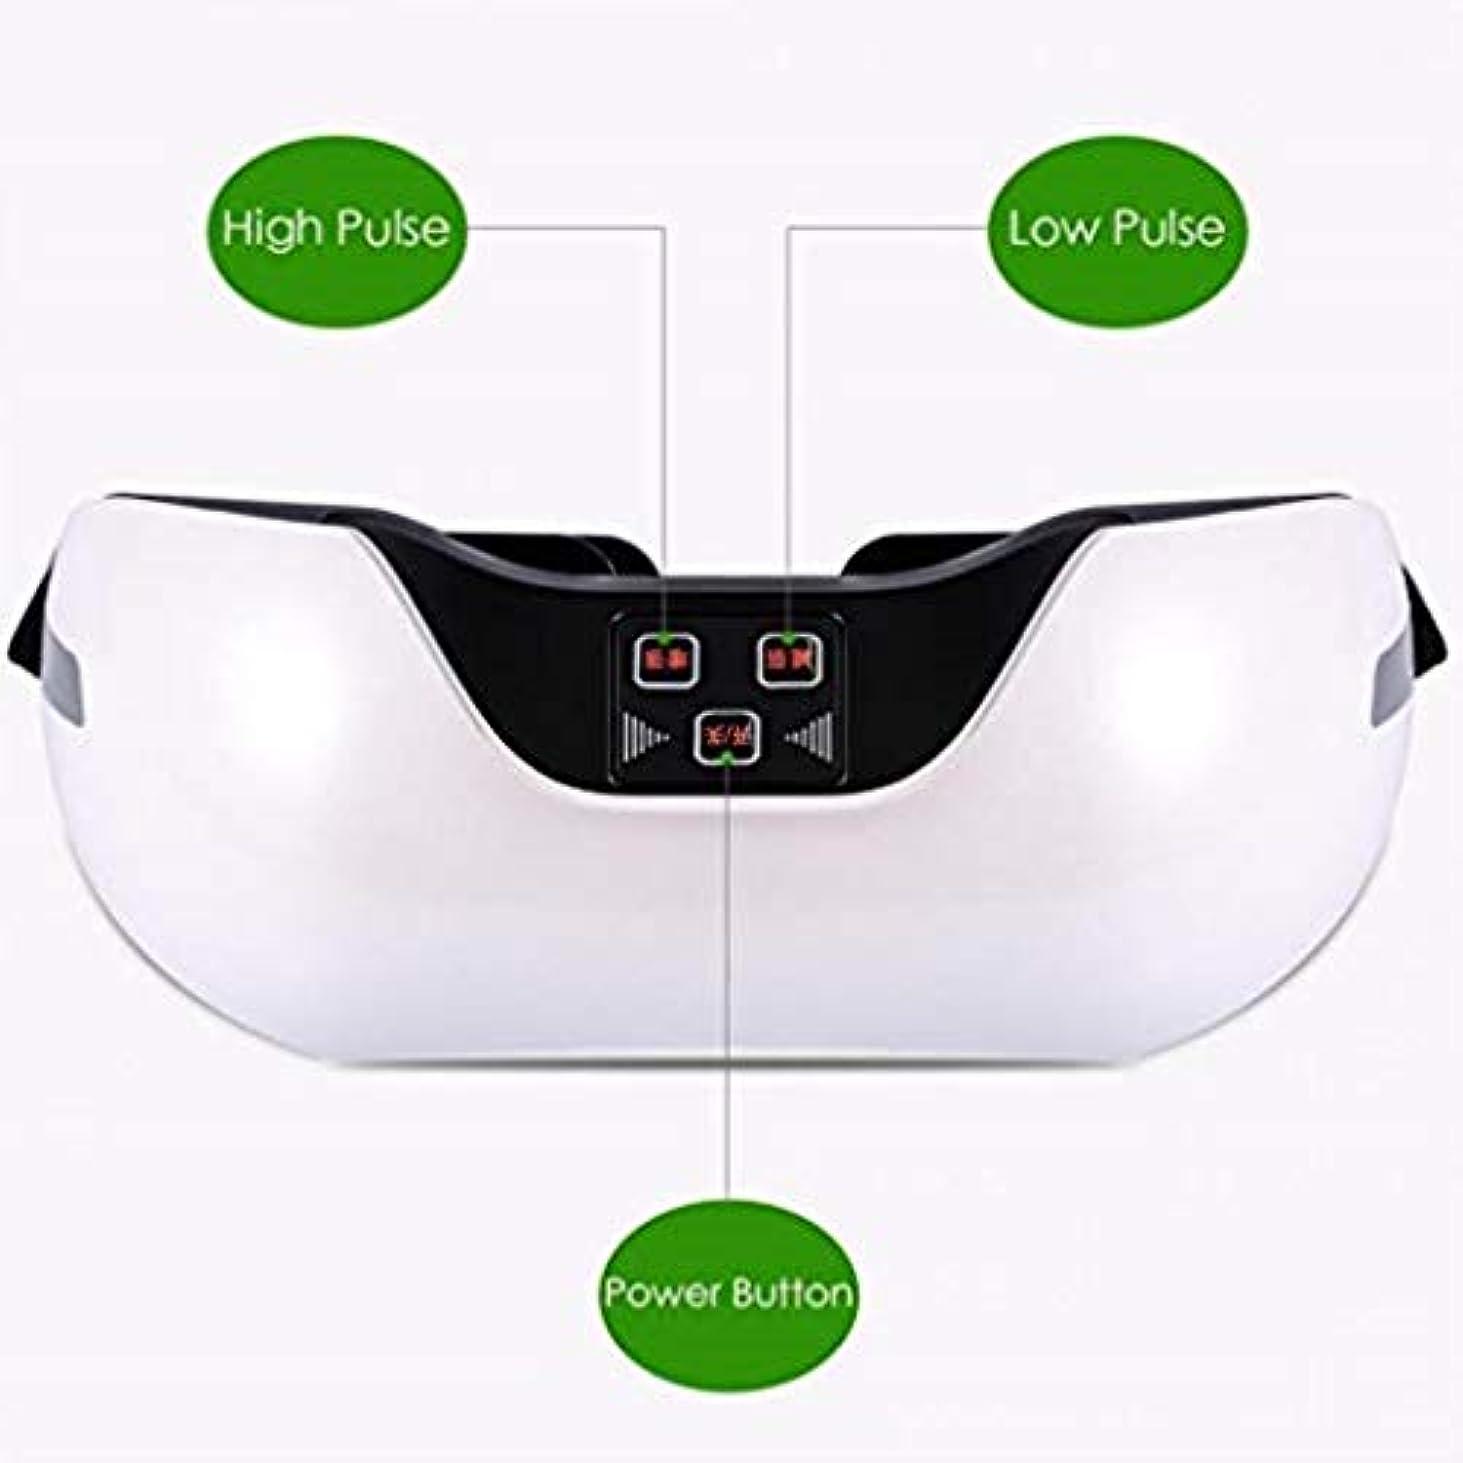 統合する連邦広範囲に近視の予防のための視力回復器具トレーニングアイマッサージ器具 (Color : White)